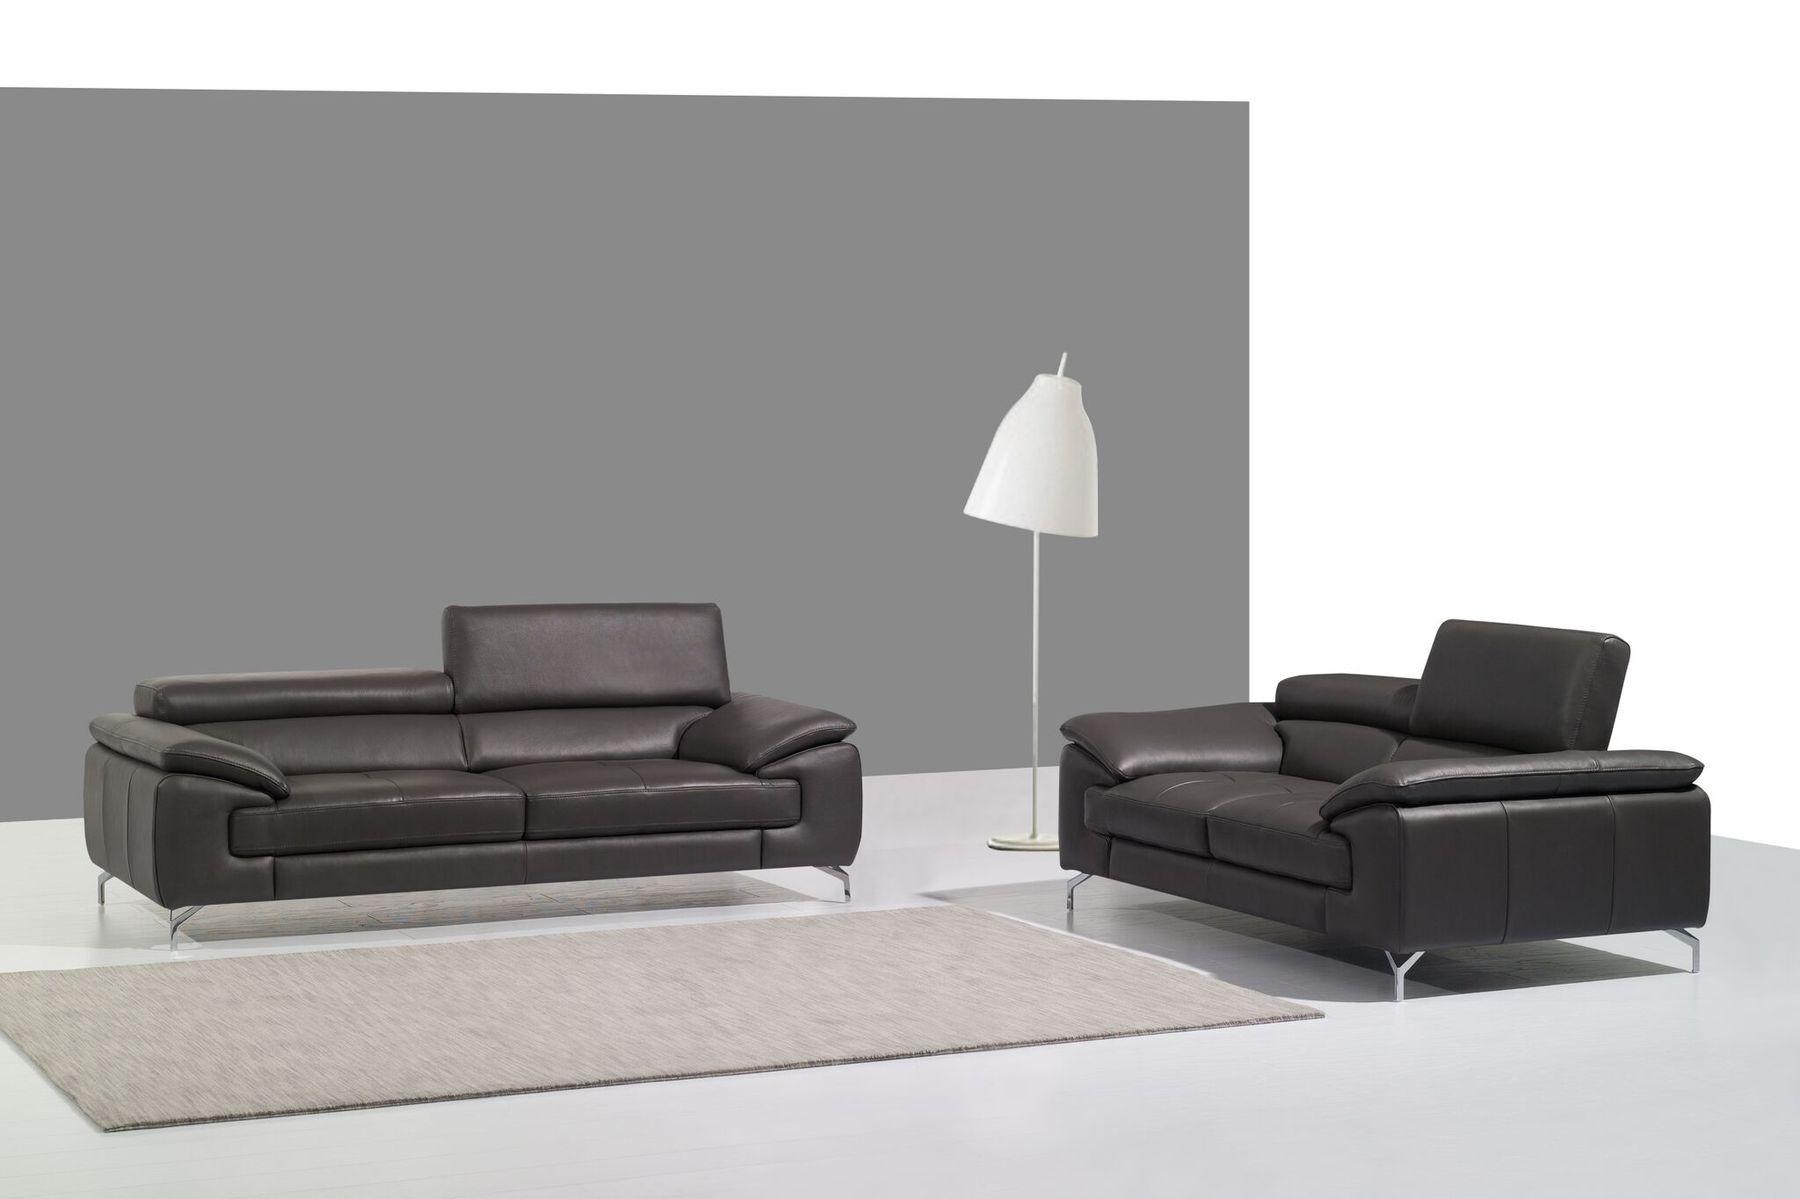 Jm973 Gray Sofa Leather Sofa Set Italian Leather Sofa Grey Sofa Set